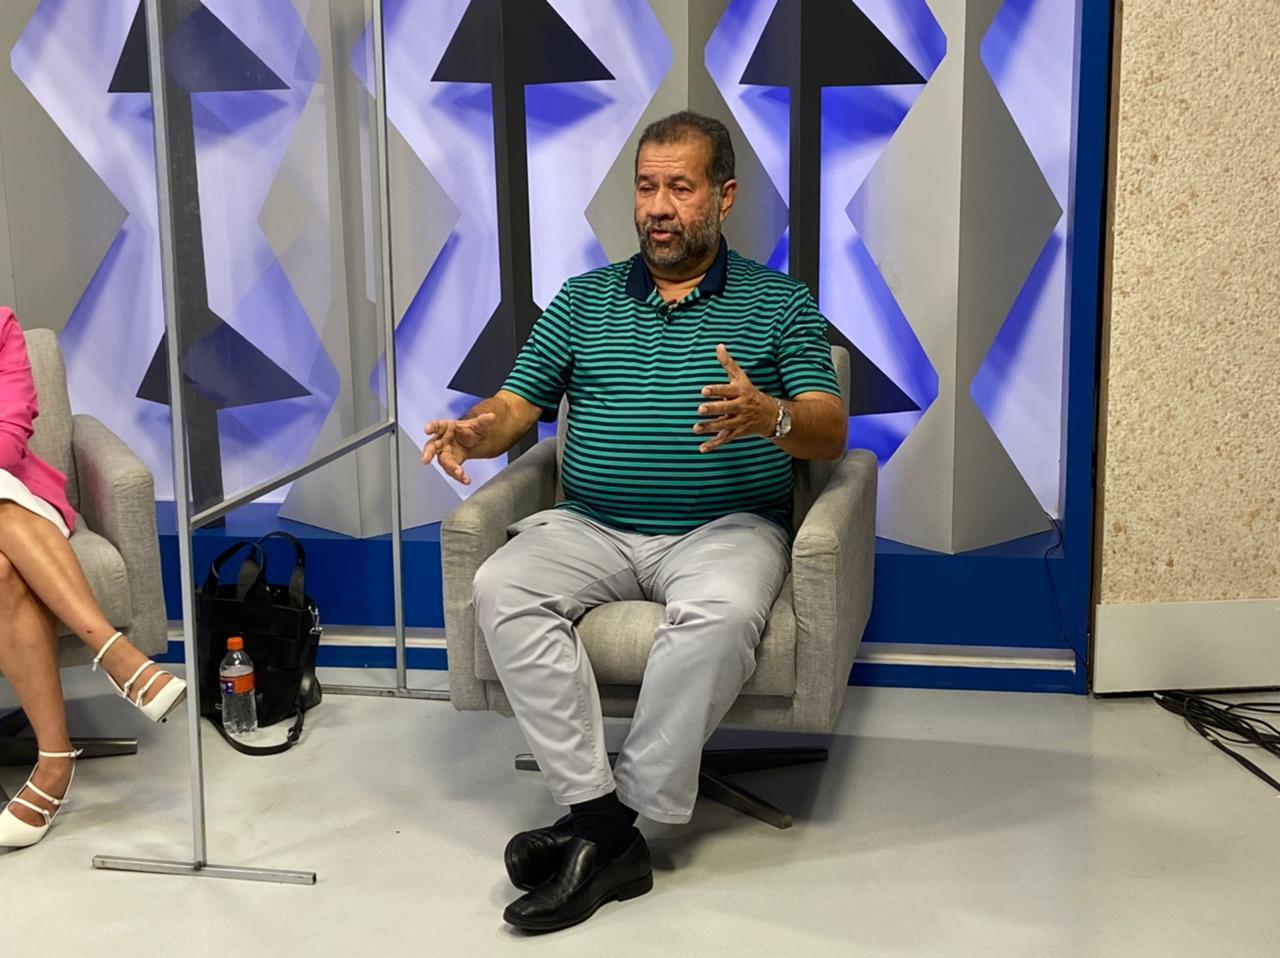 Carlos Lupi deseja candidatura própria no Piauí (Foto: Wellington Benário)